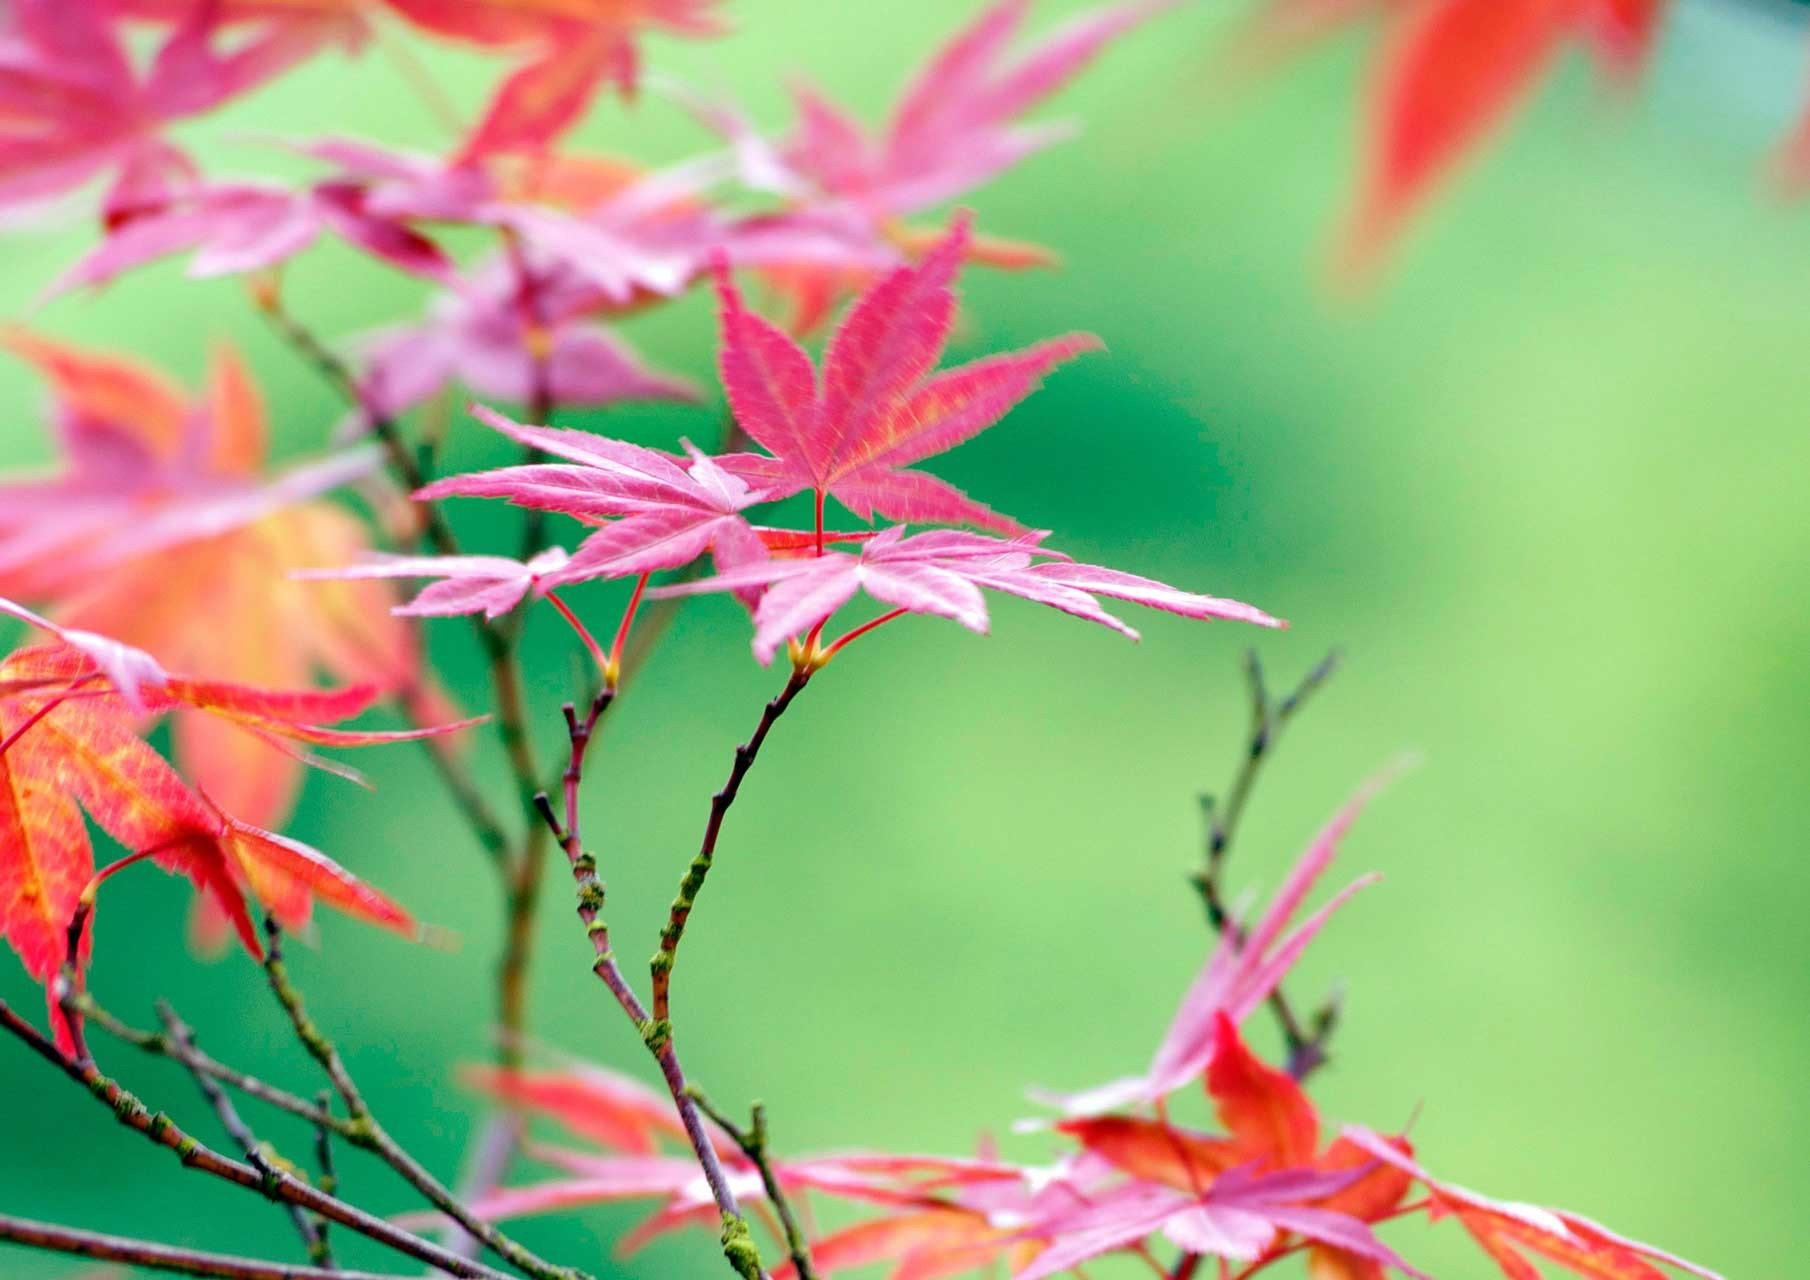 Laure-Maud_03_photographe_jardin-erable-Japon